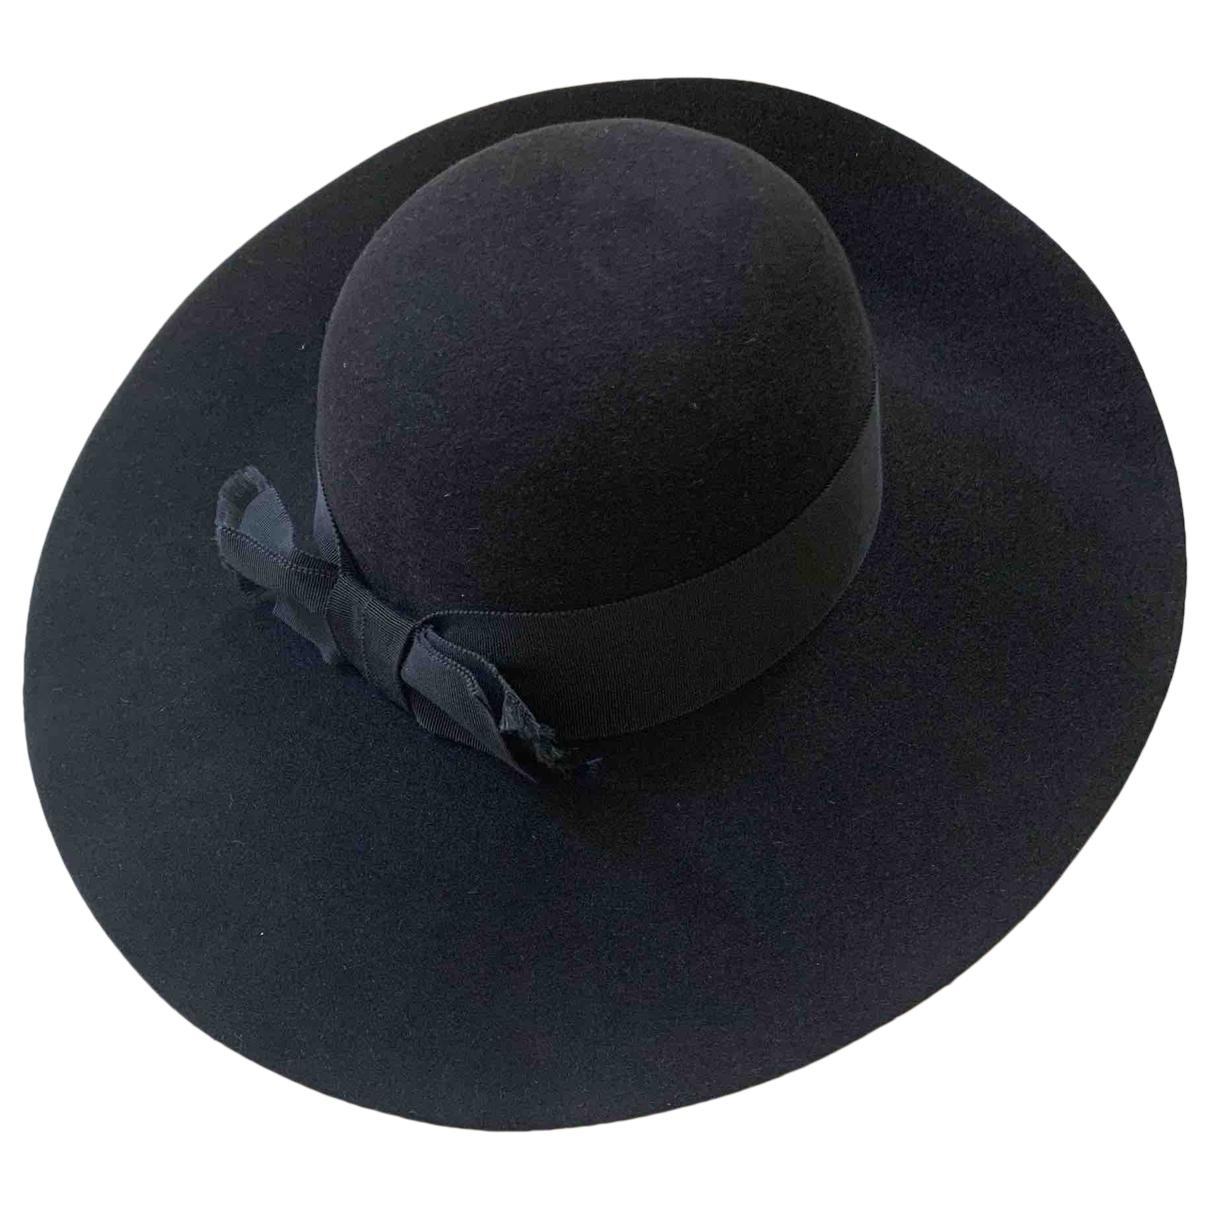 Saint Laurent \N Black Rabbit hat for Women S International